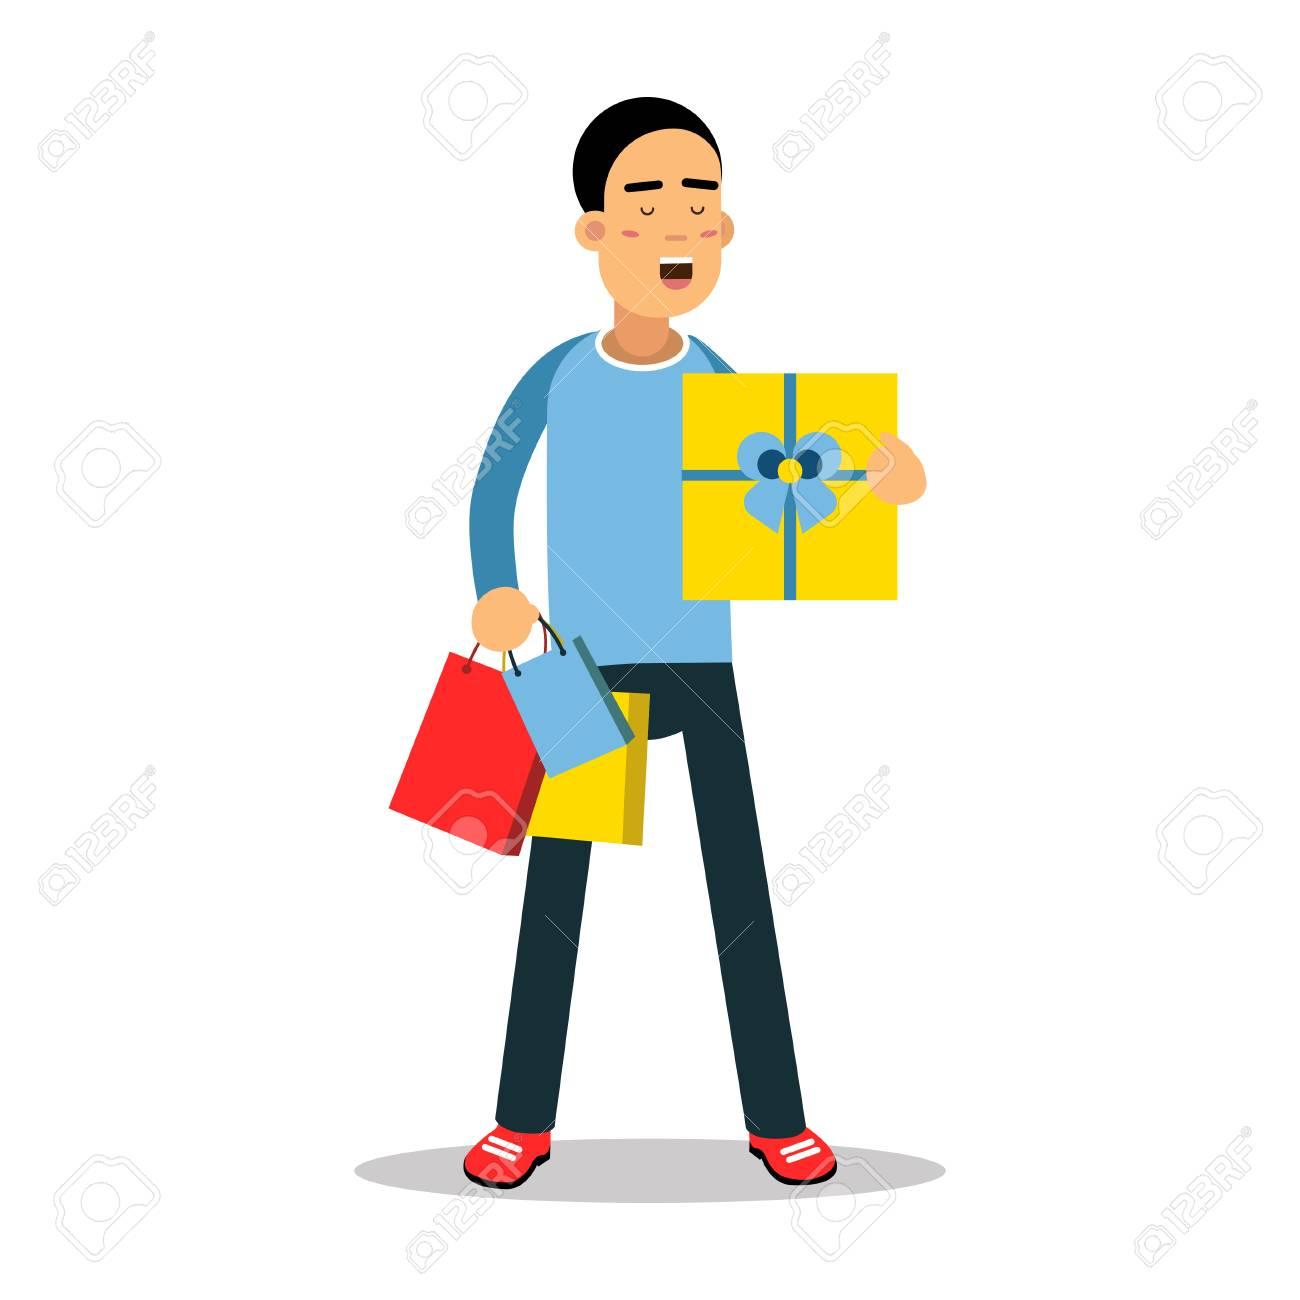 Jeune Homme Debout Avec Boite Cadeau Jaune Et Achete Illustration De